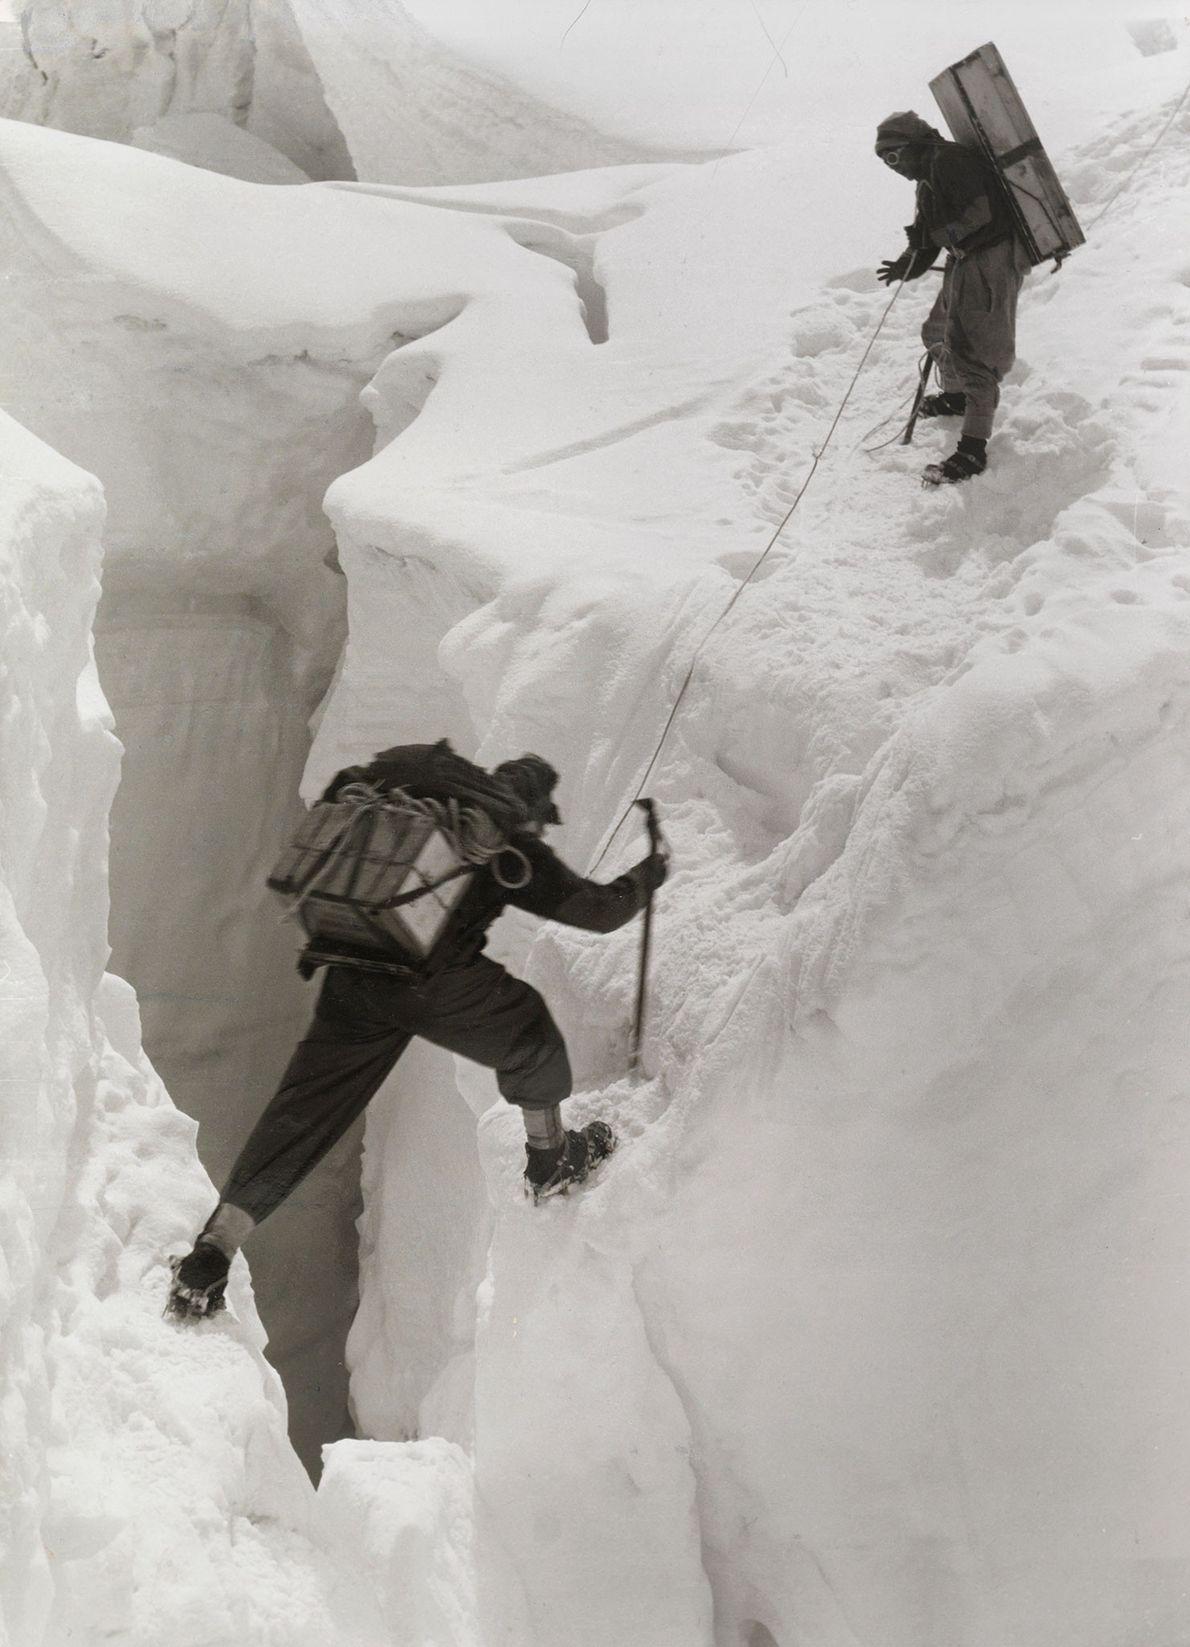 Dos sherpas cruzan una traicionera grieta